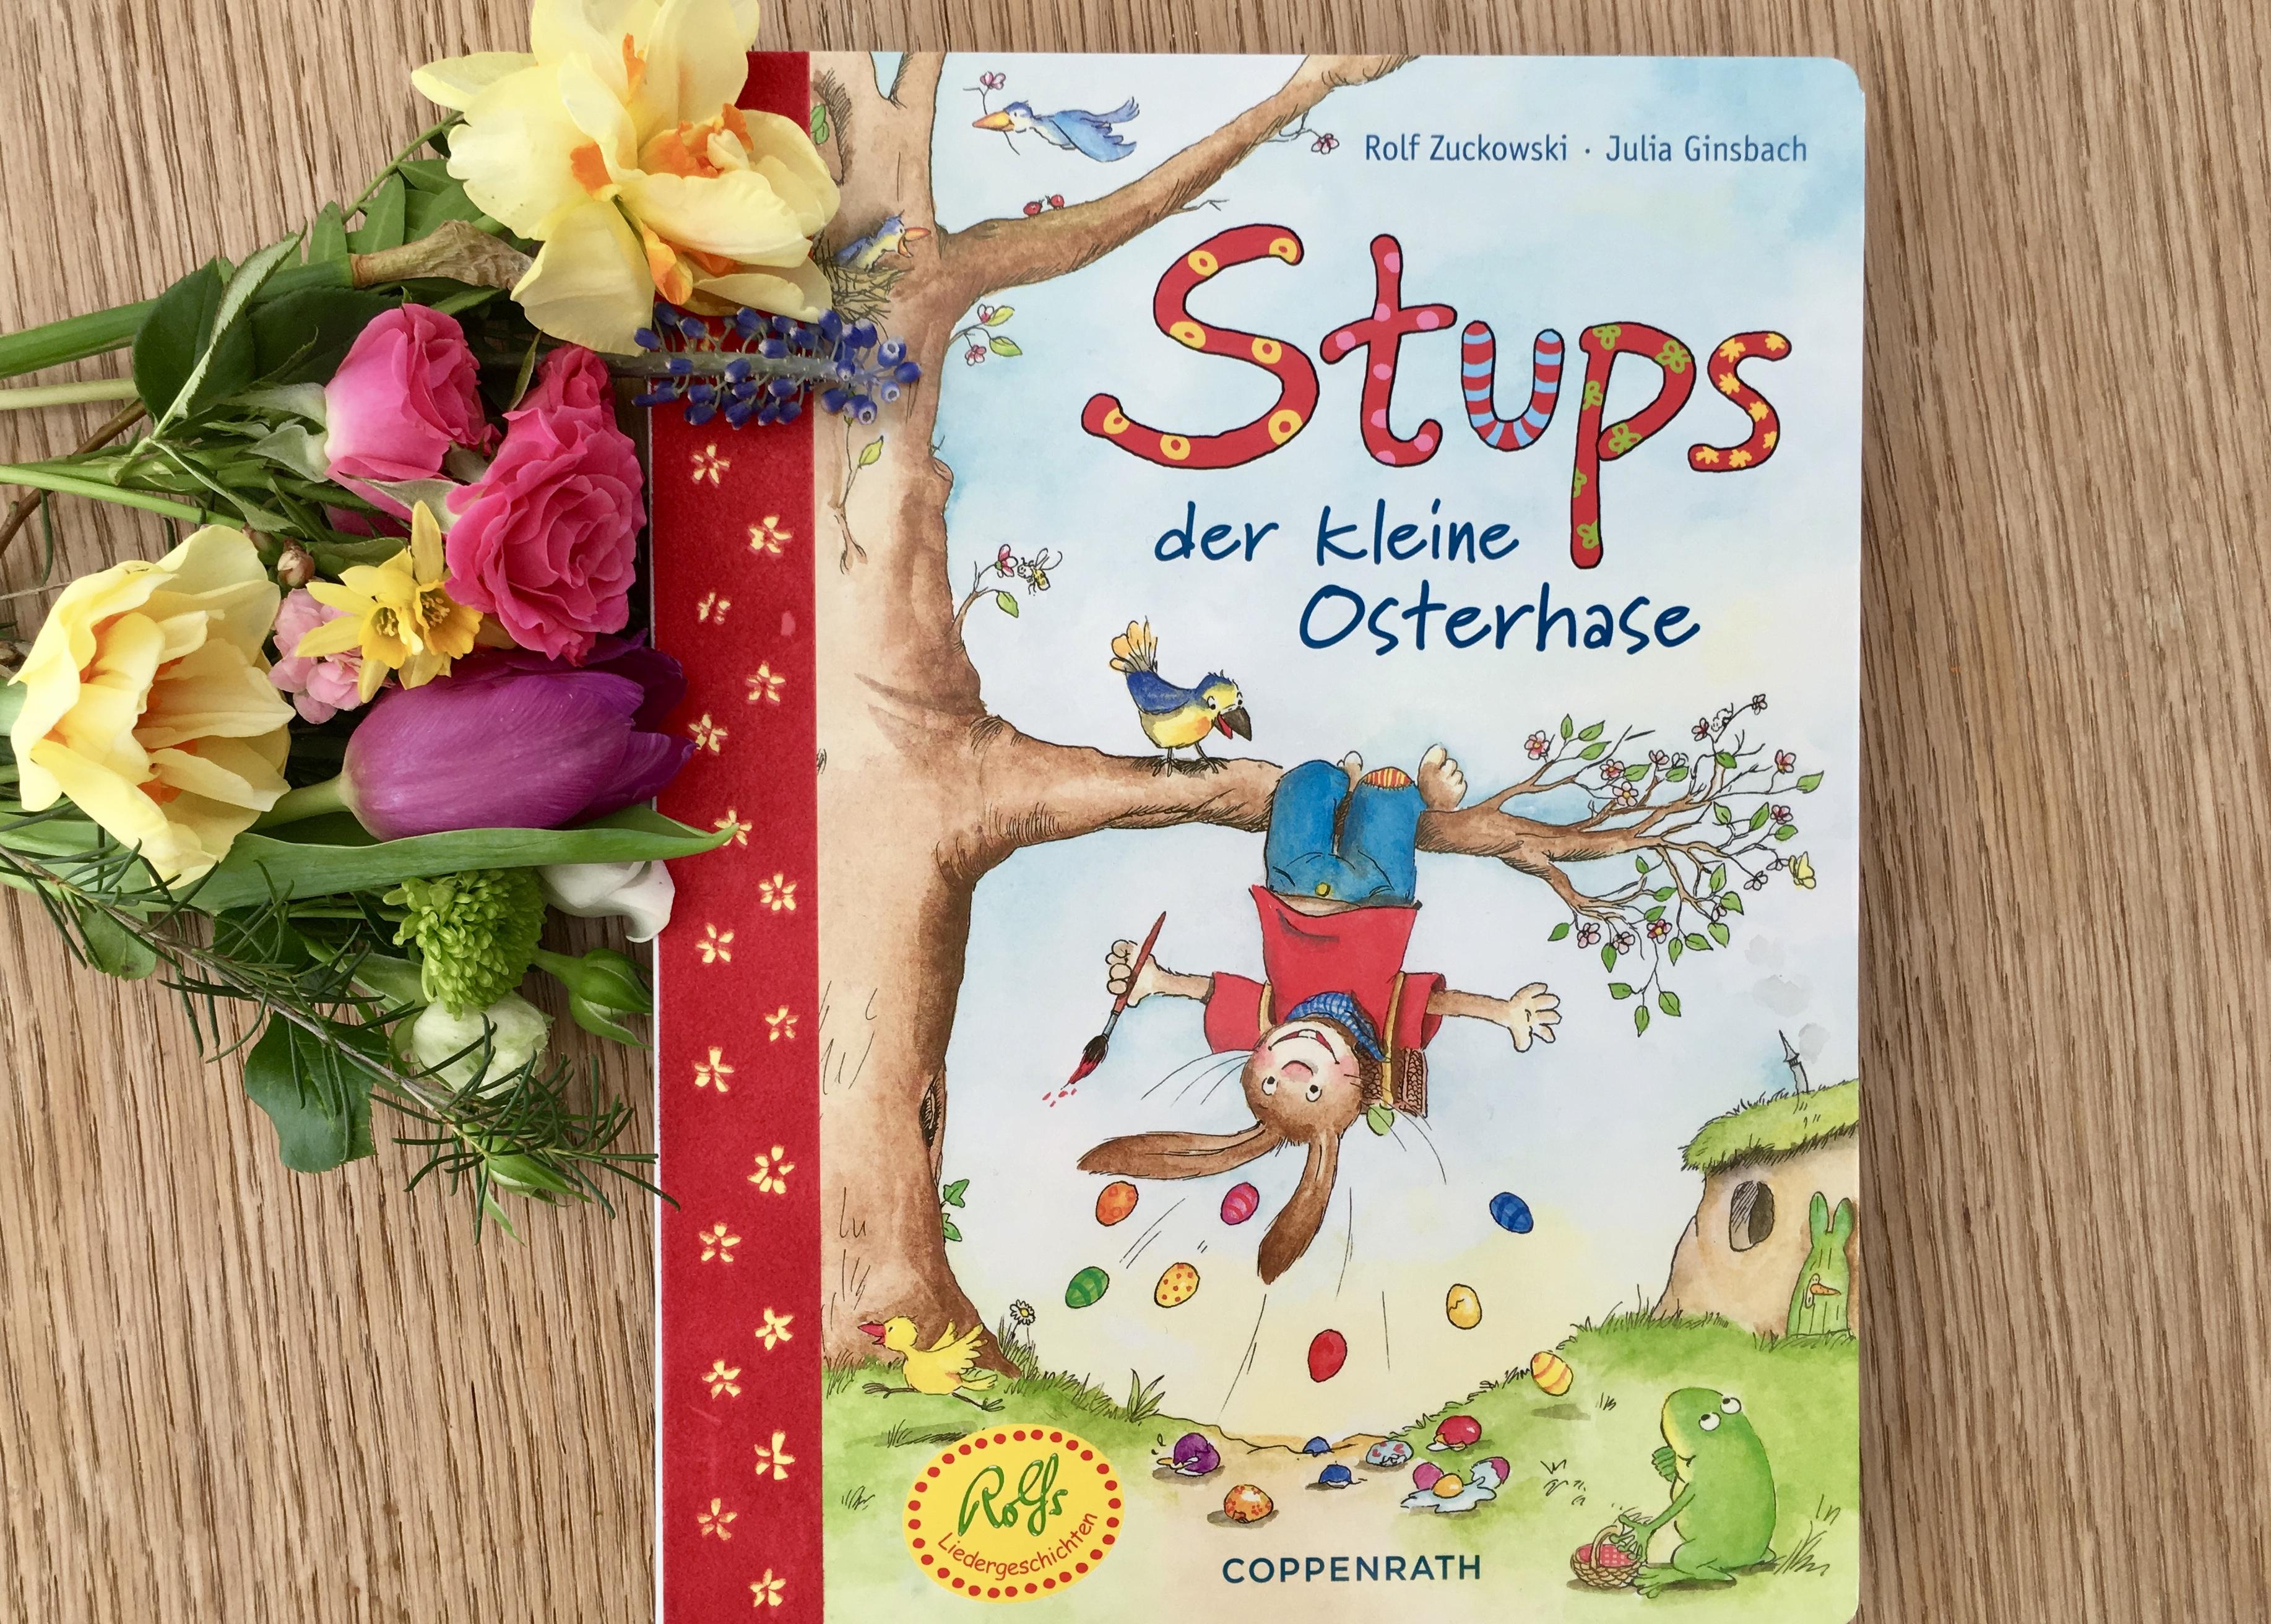 Stups, der kleine Osterhase von Rolf Zuckowski (Text) und Julia Ginsbach (Illustration)